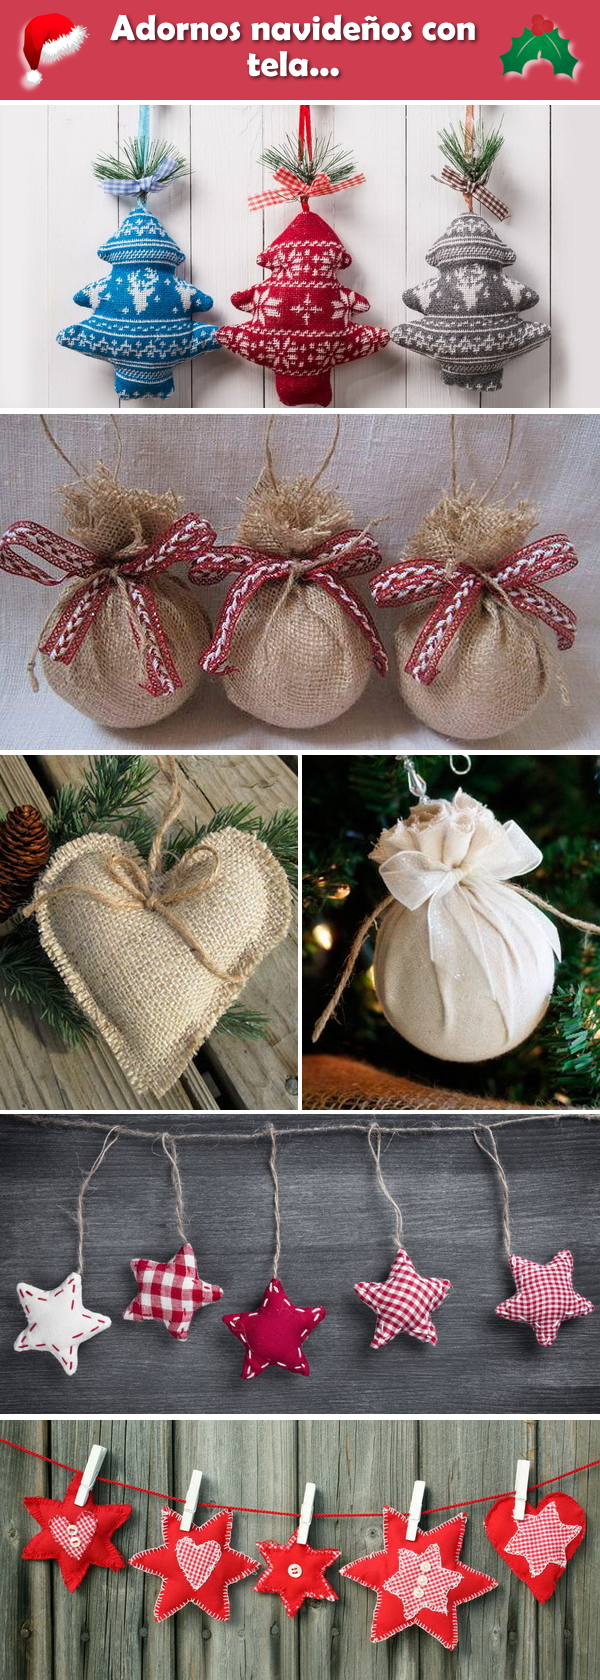 Adornos de navidad hechos con tela adornos navide os - Adornos navidenos originales ...